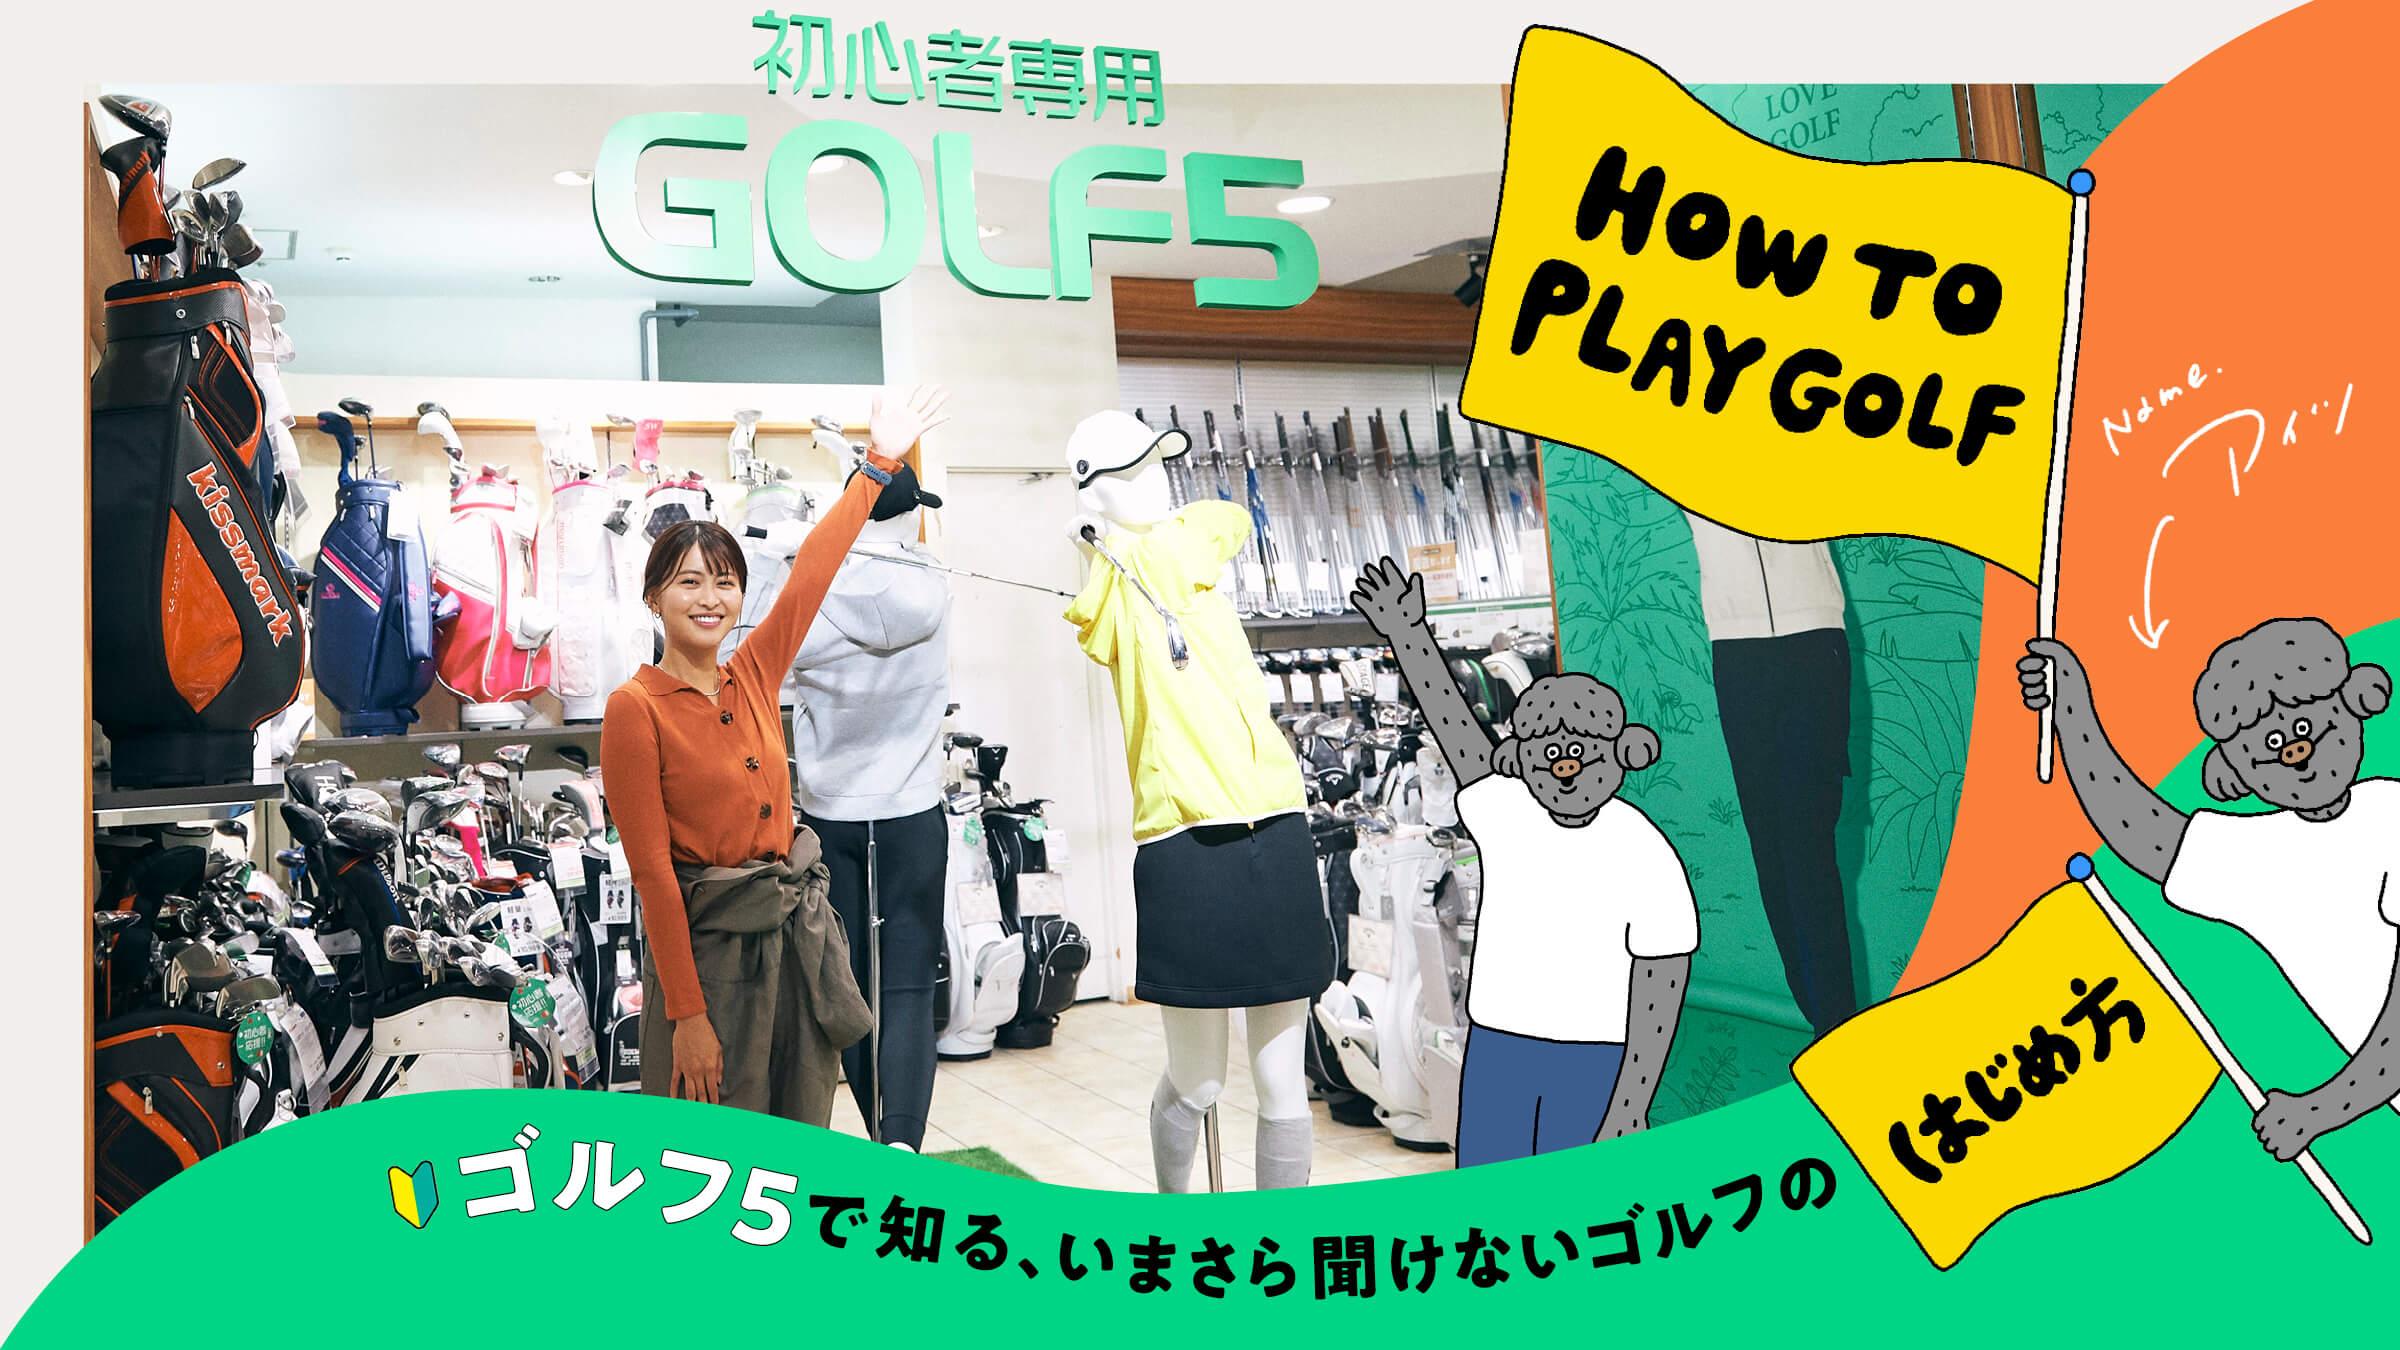 ゴルフ5で知る、いまさら聞けないゴルフのはじめ方。